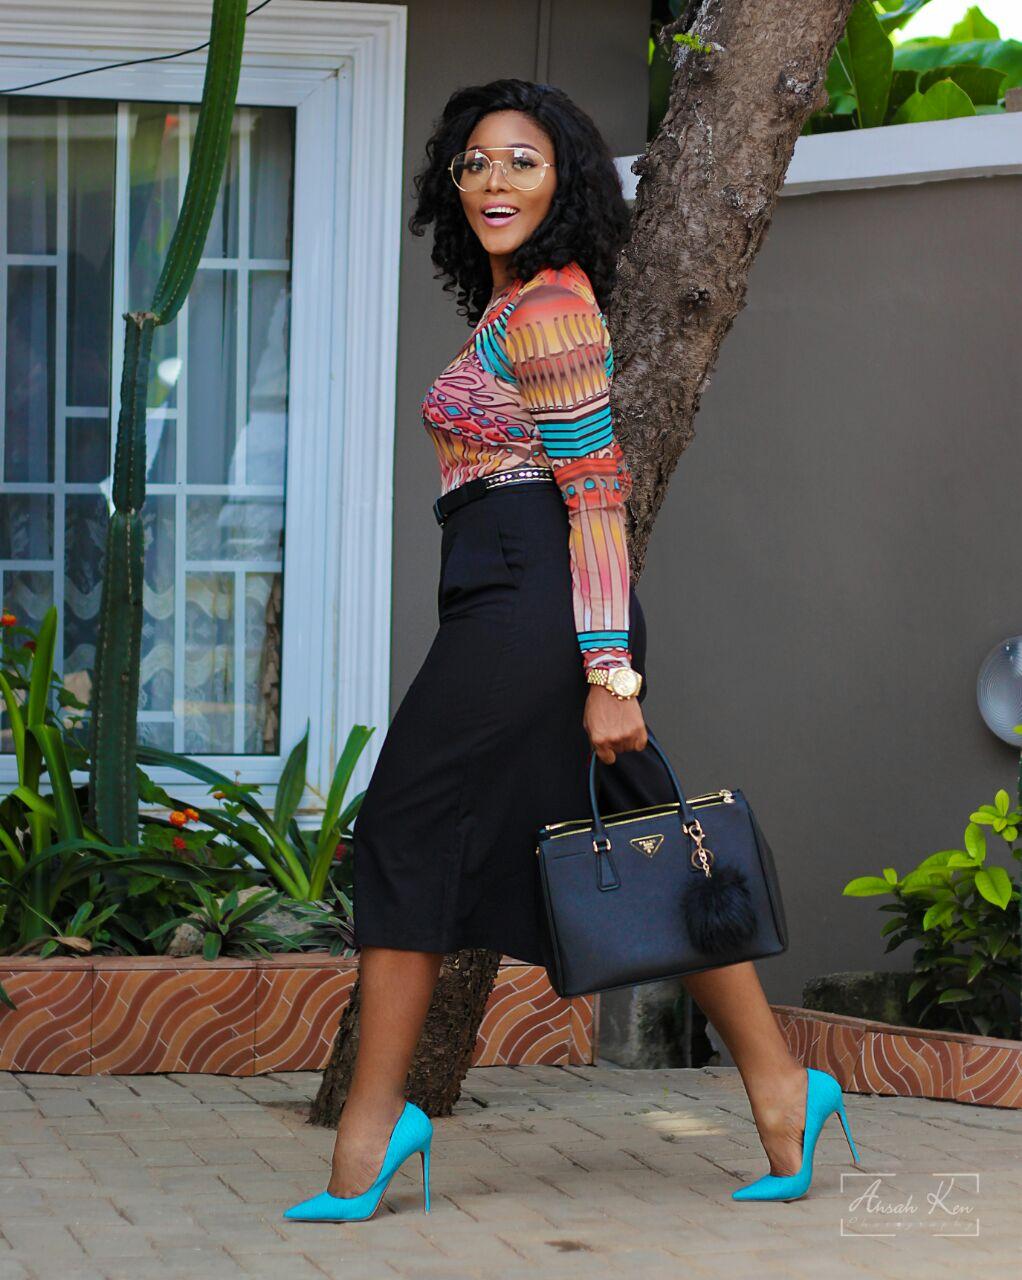 culottes-akosua-vee-african-fashion-3